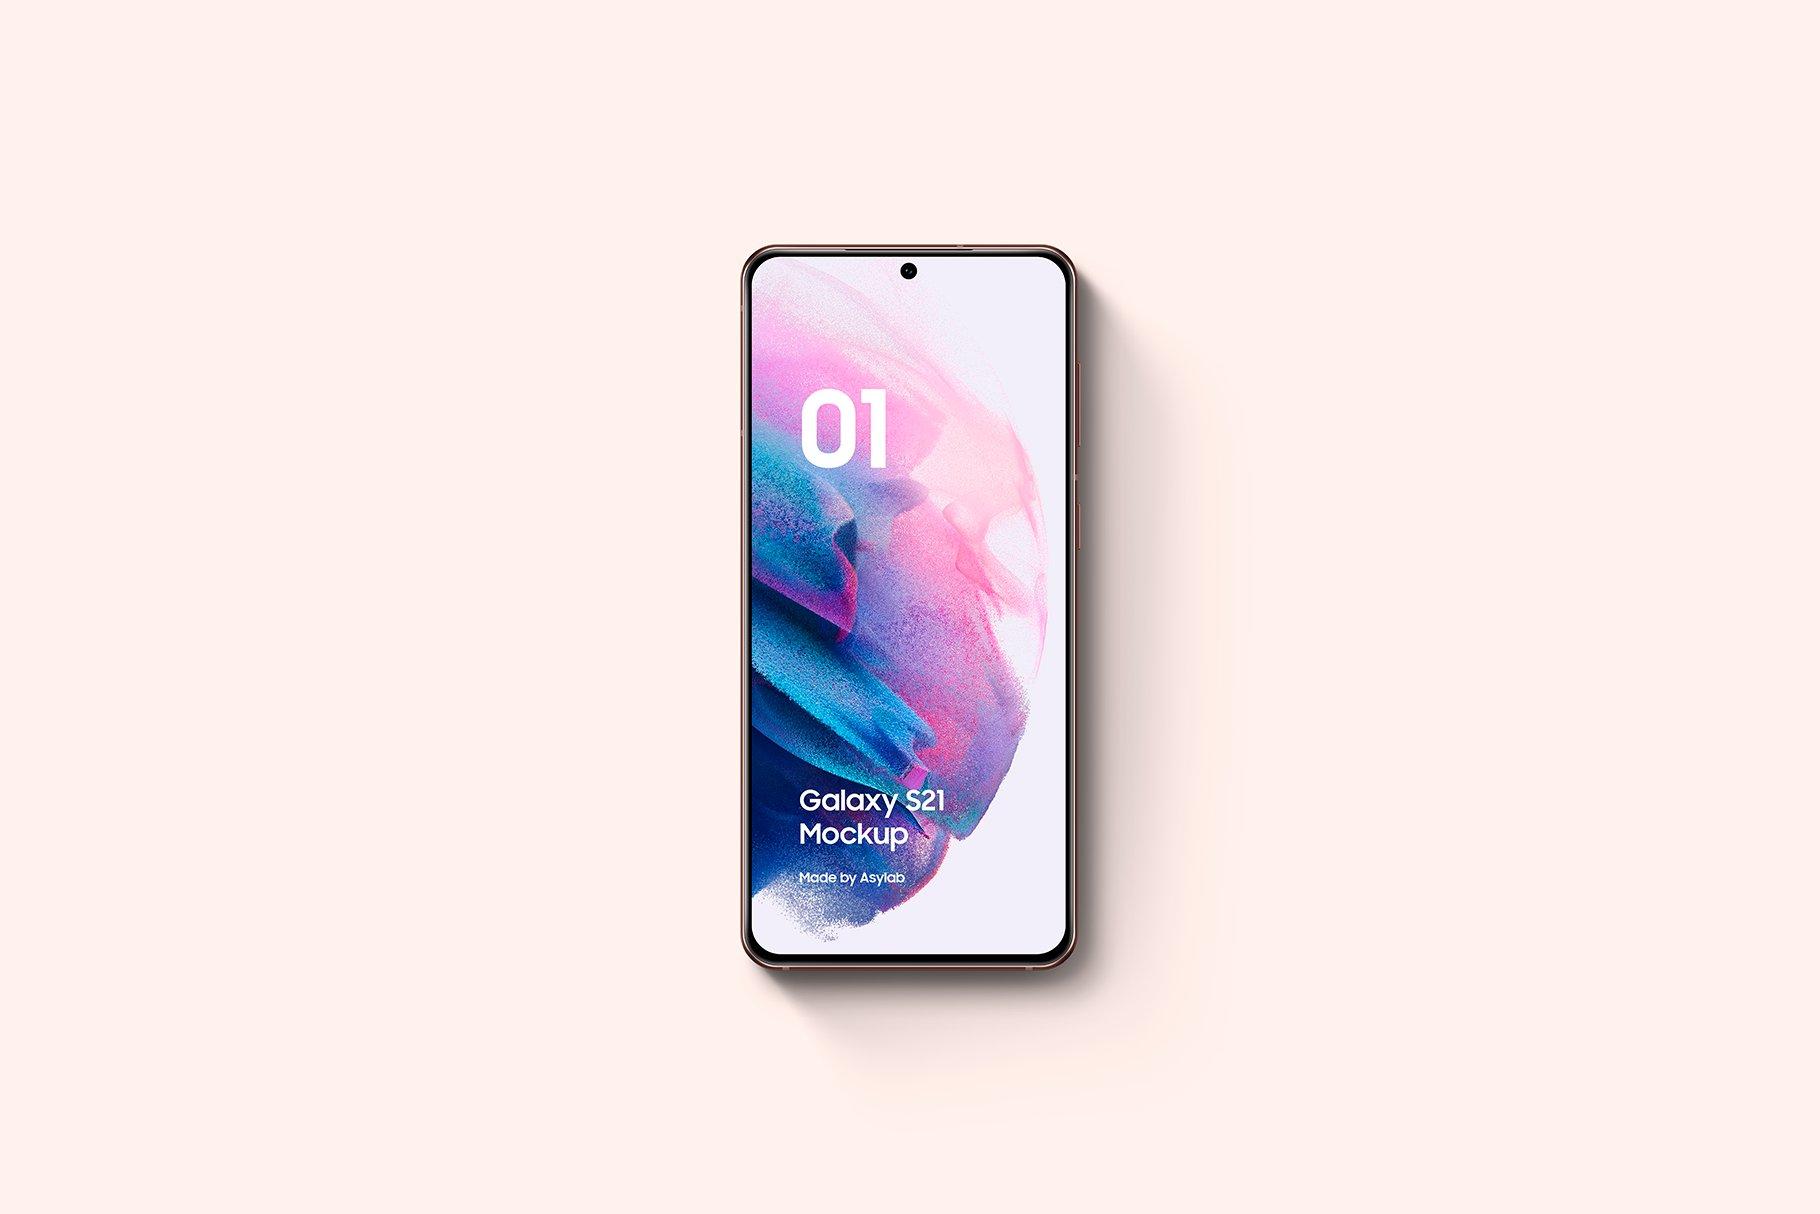 [单独购买] 20款三星Galaxy S21手机网站APP界面设计演示样机模板套件 Galaxy S21 – 20 Mockups Scenes插图26